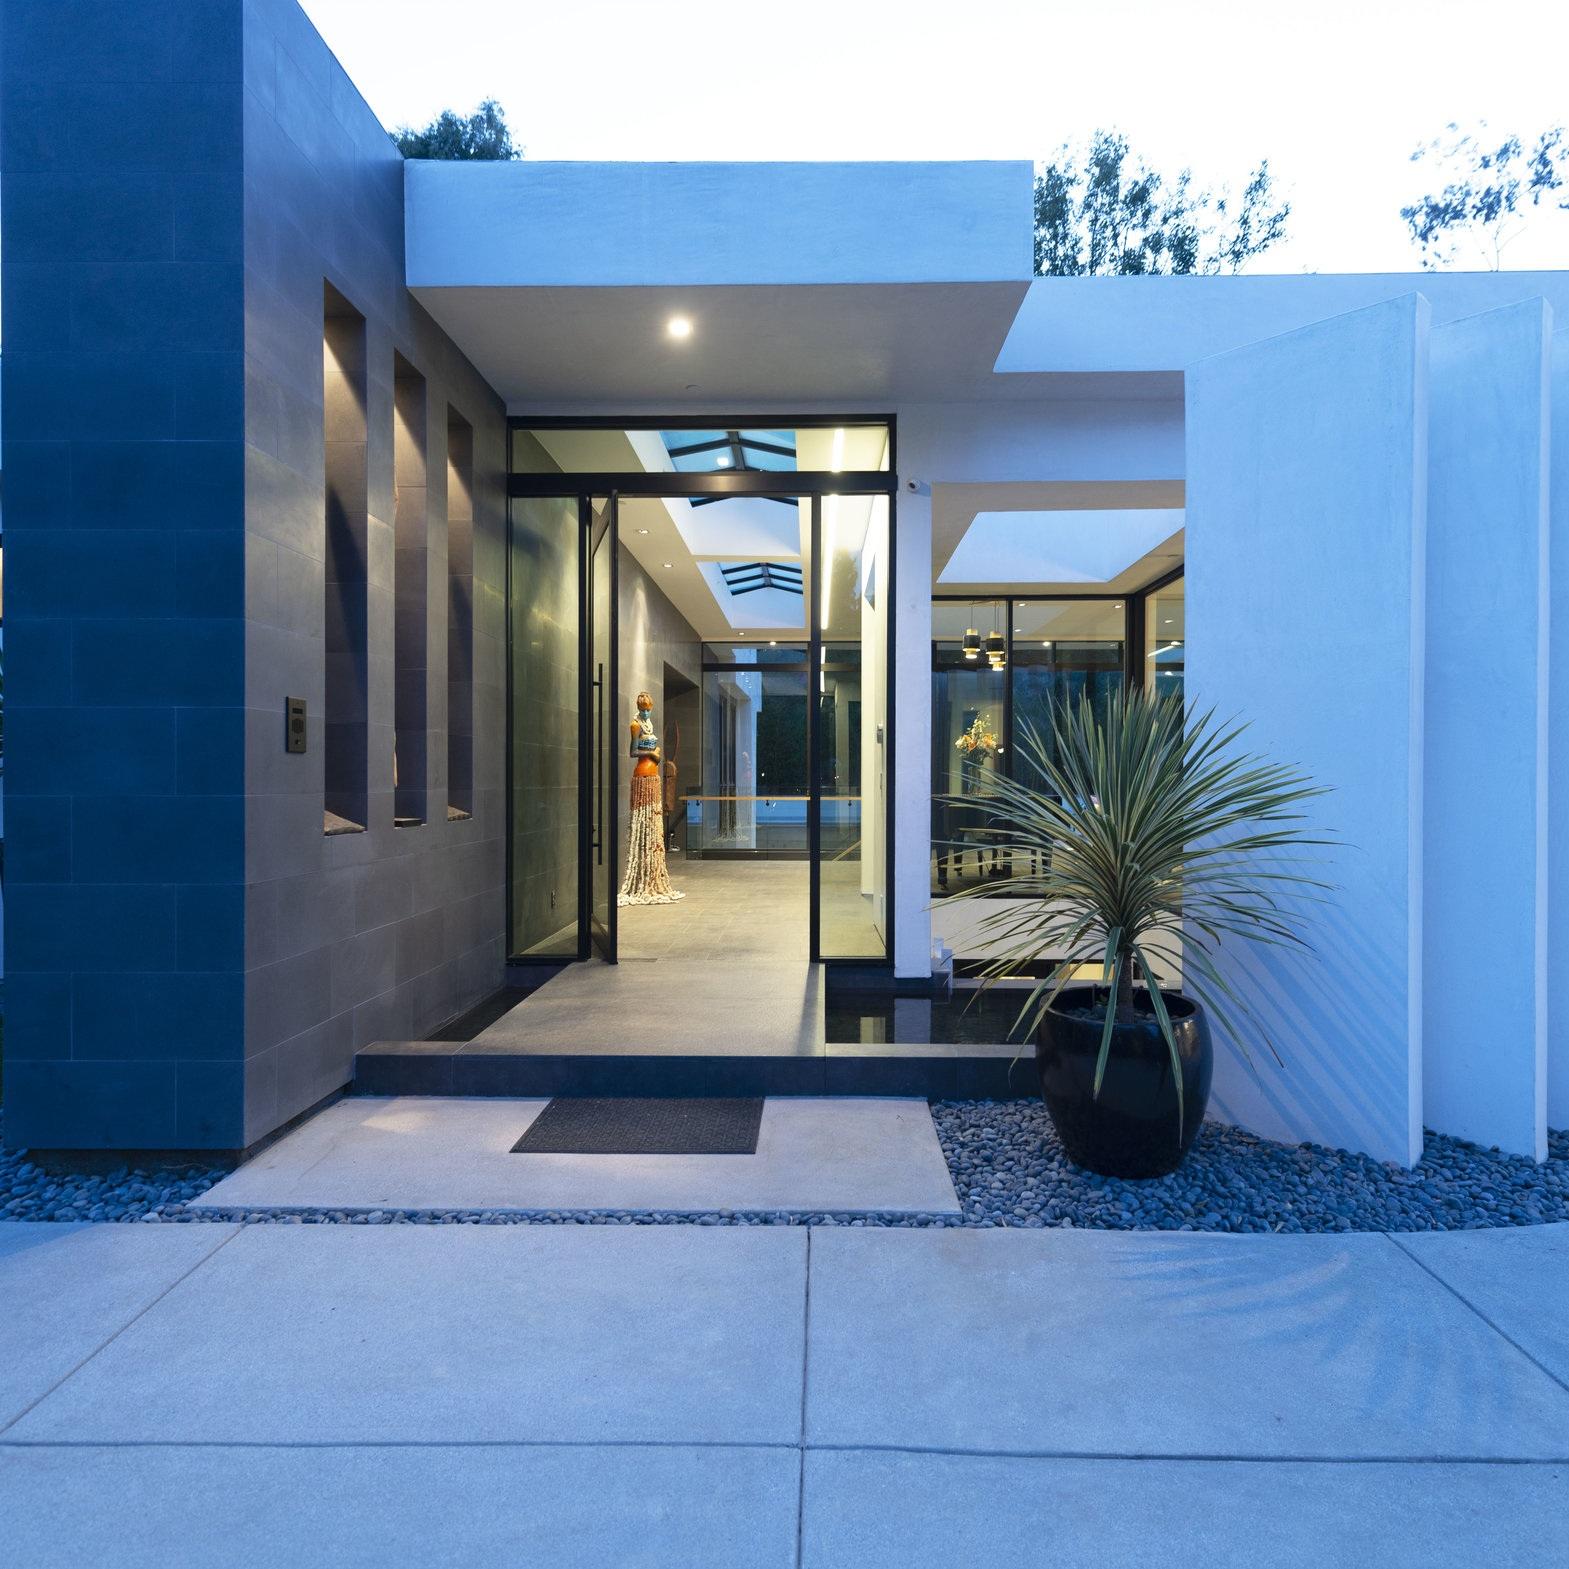 modern_architecture_beverly_hills.jpg